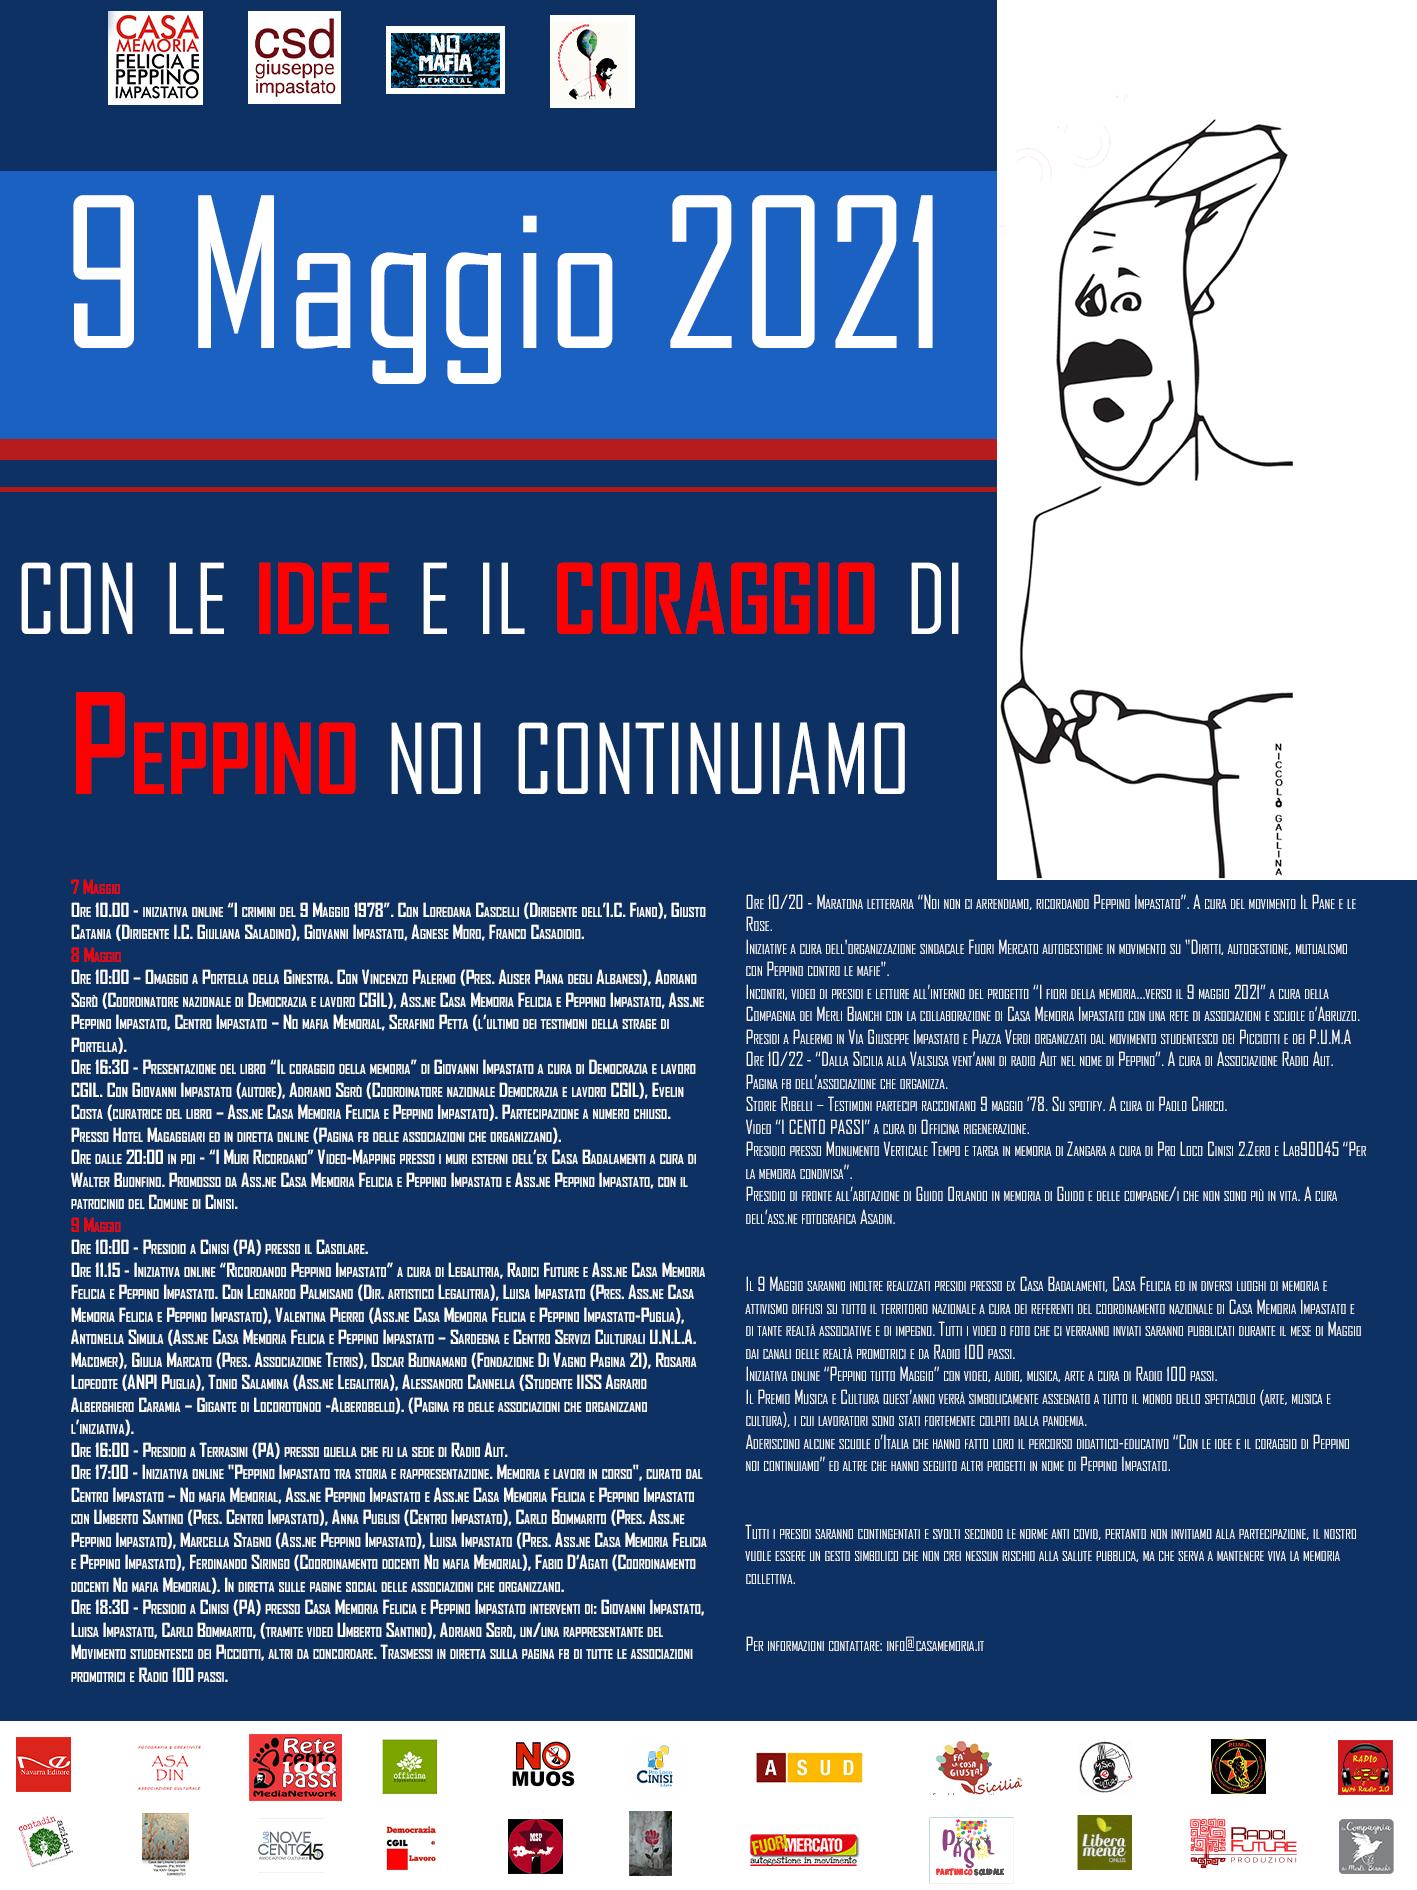 9 Maggio 2021: Con le idee e il coraggio di Peppino noi continuiamo